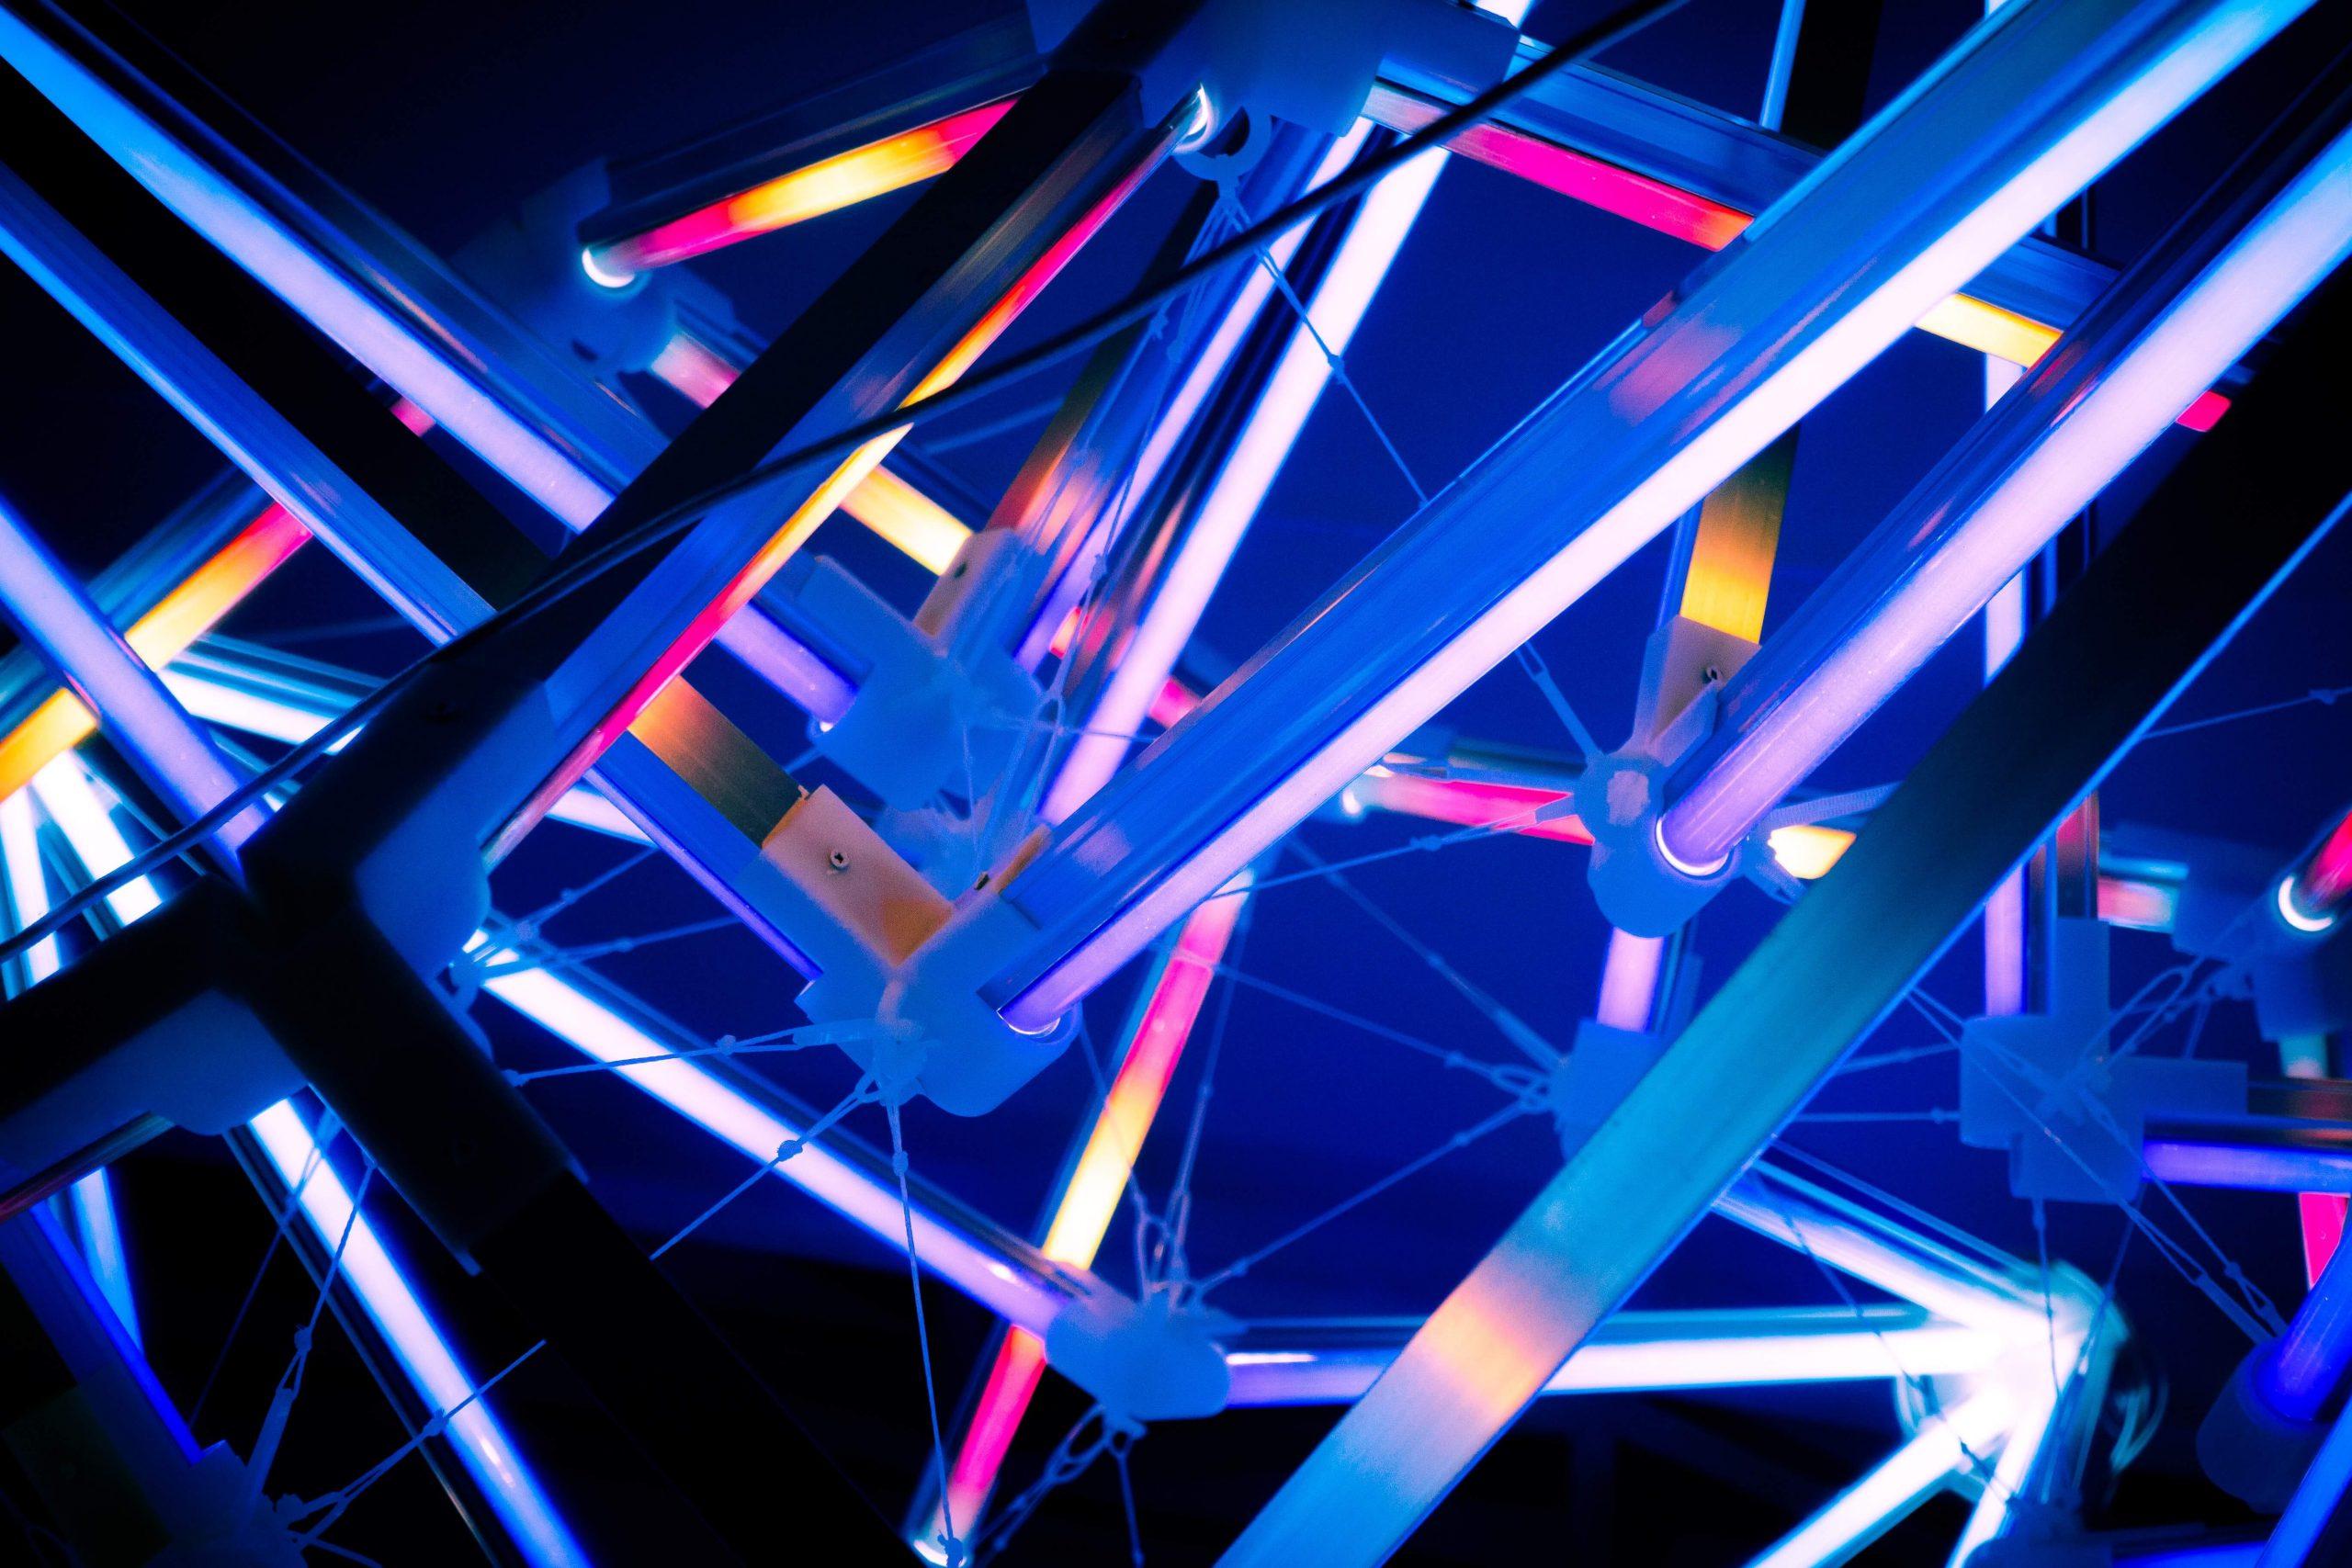 Neon lights - Future audio